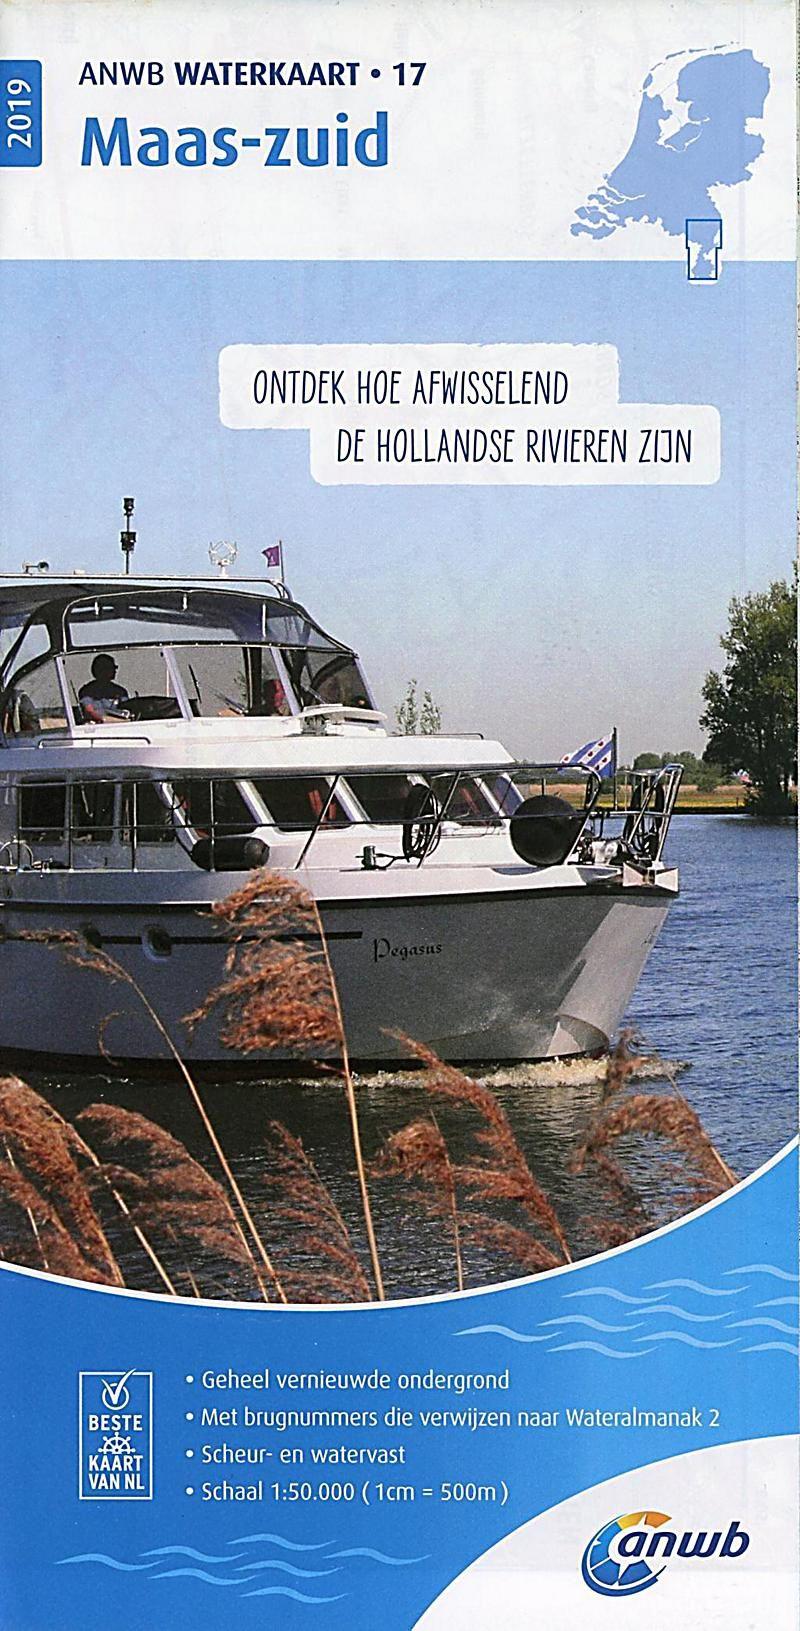 Anwb Waterkaart Maas Zuid Karte Im Sinne Von Landkarte Buch